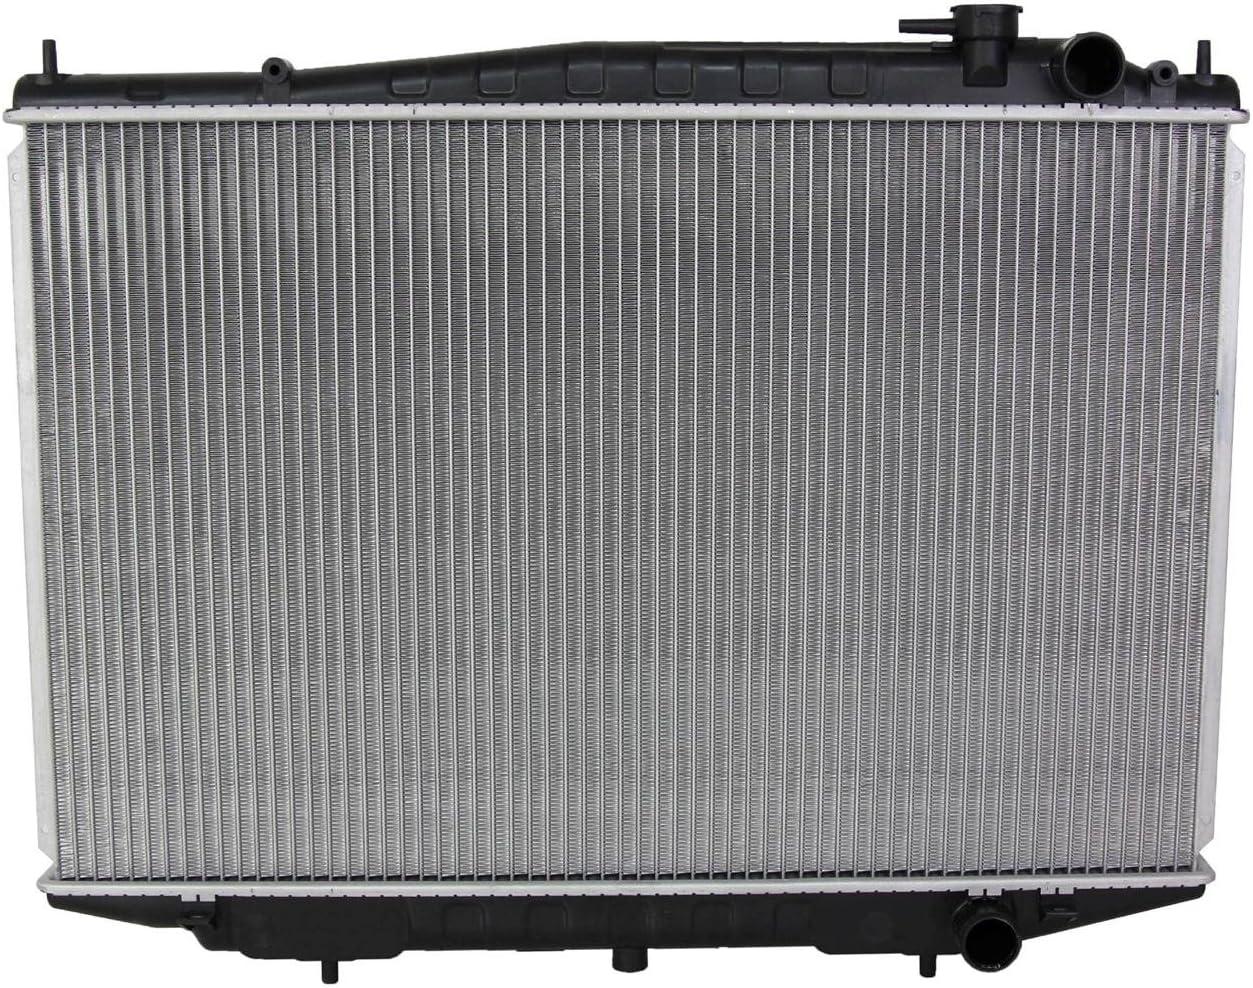 ZFRDA499 Zirgo OEM Replacement Radiator